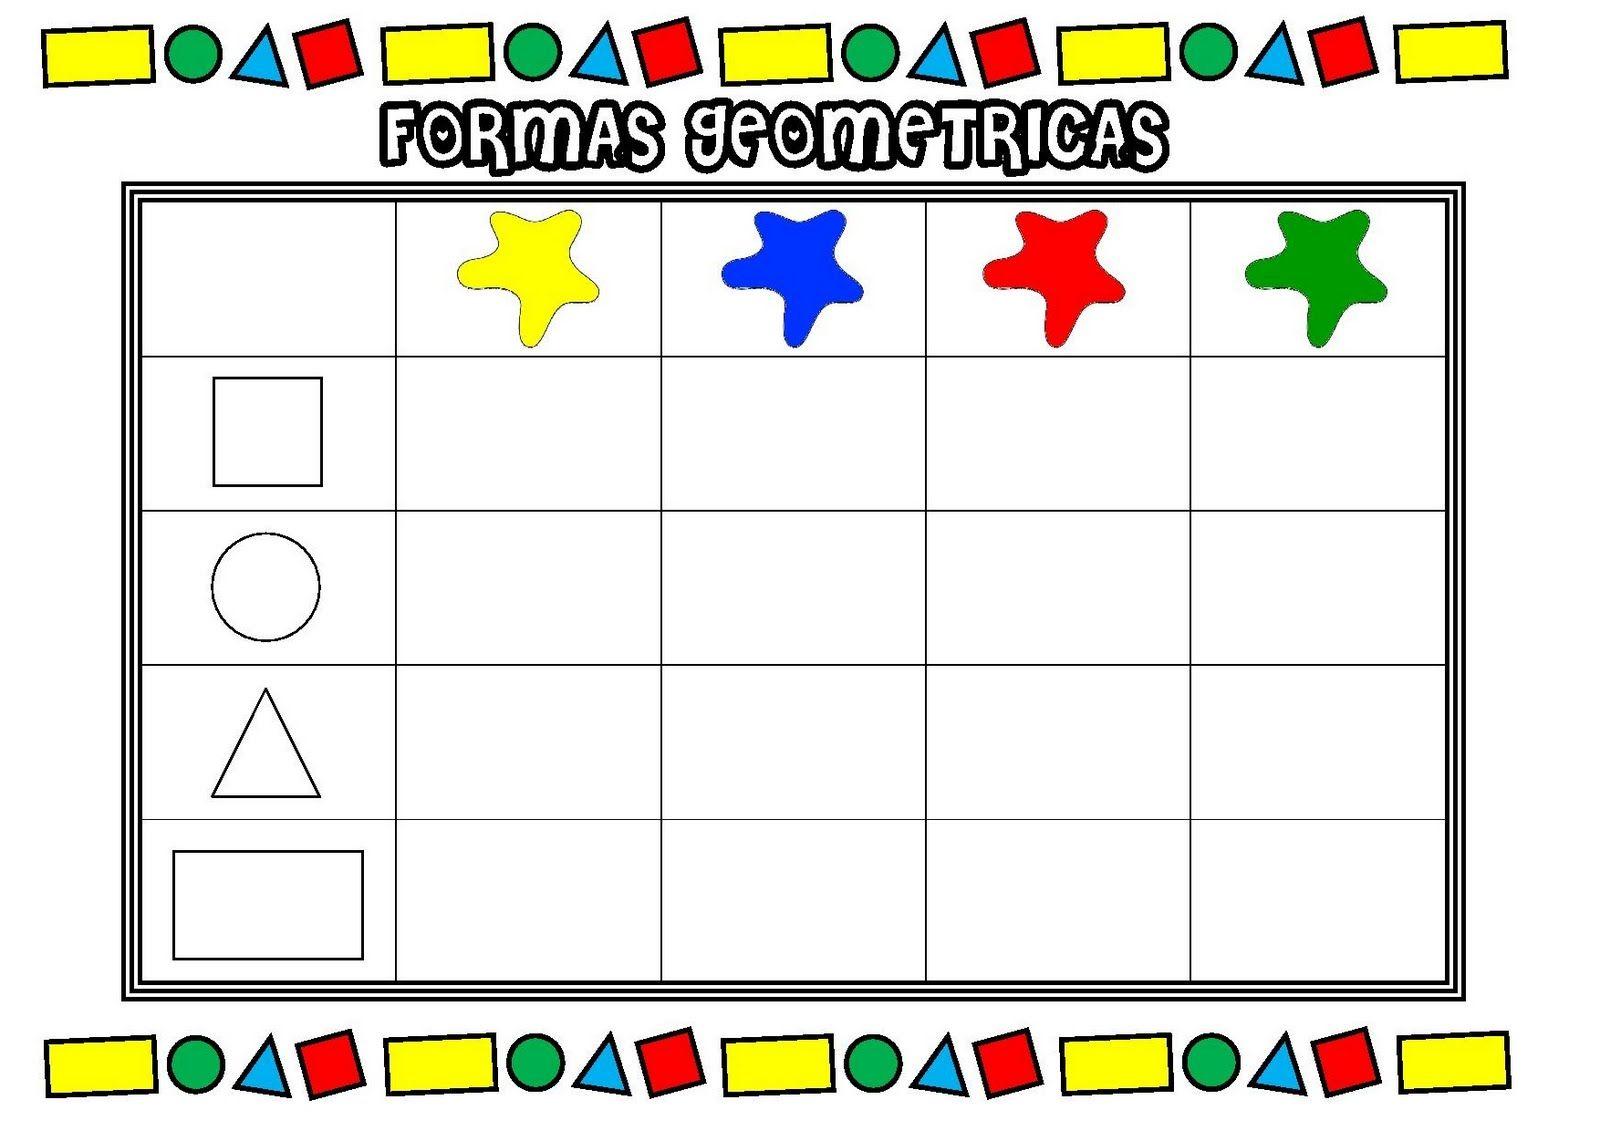 Dibujos y plantillas para gomets para niños | matemáticas ...